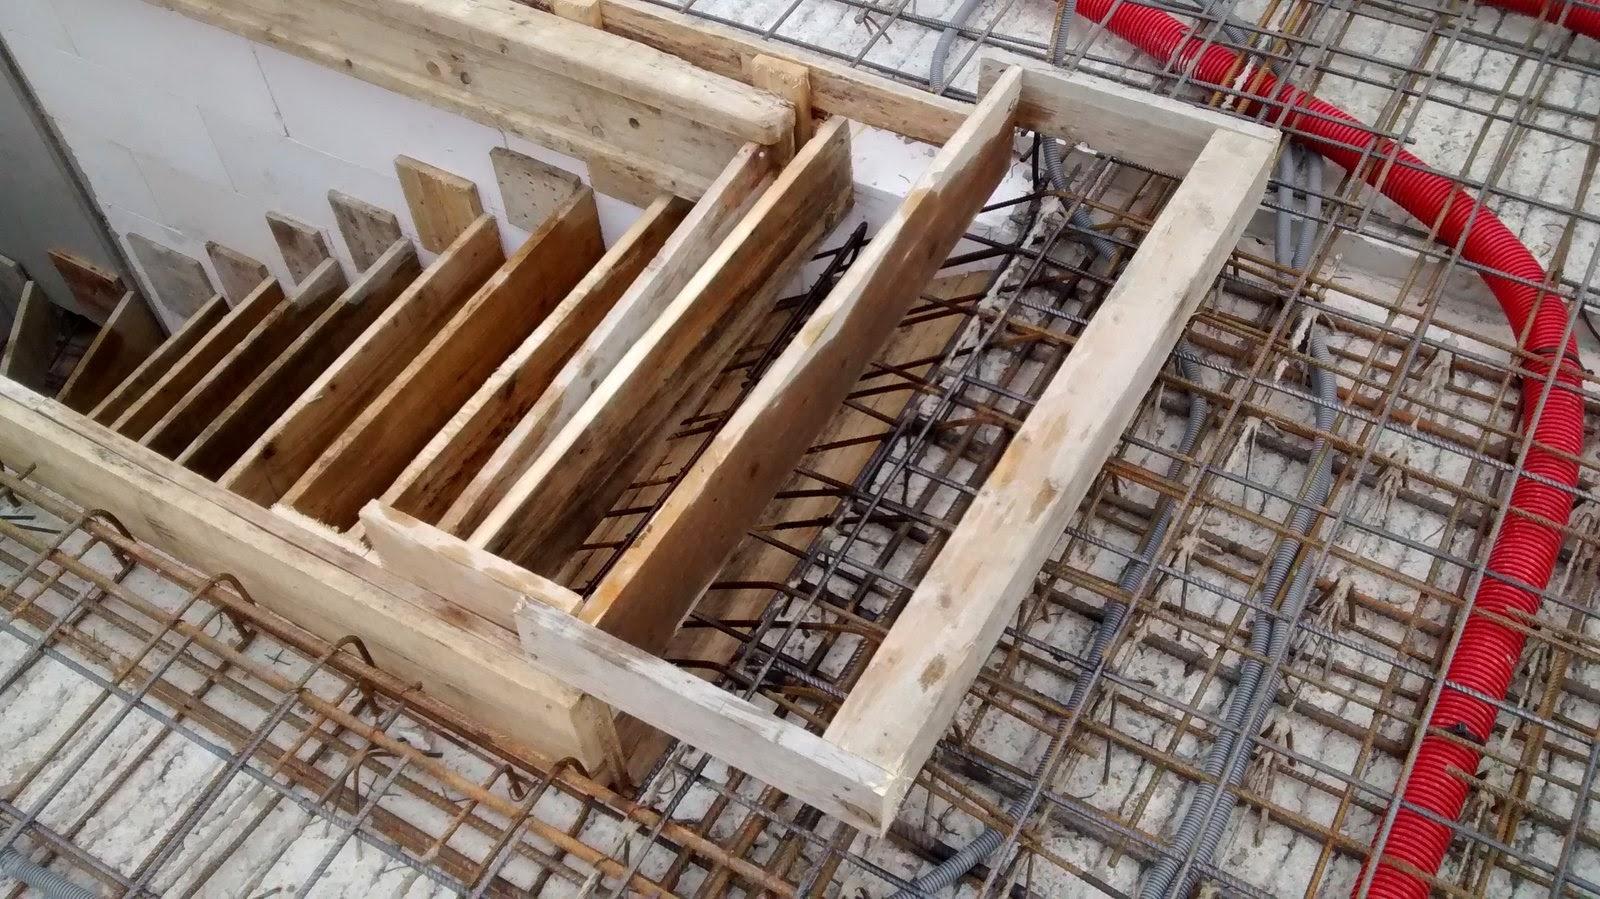 schalung und bewehrung f r die kg decke sind vorbereitet. Black Bedroom Furniture Sets. Home Design Ideas